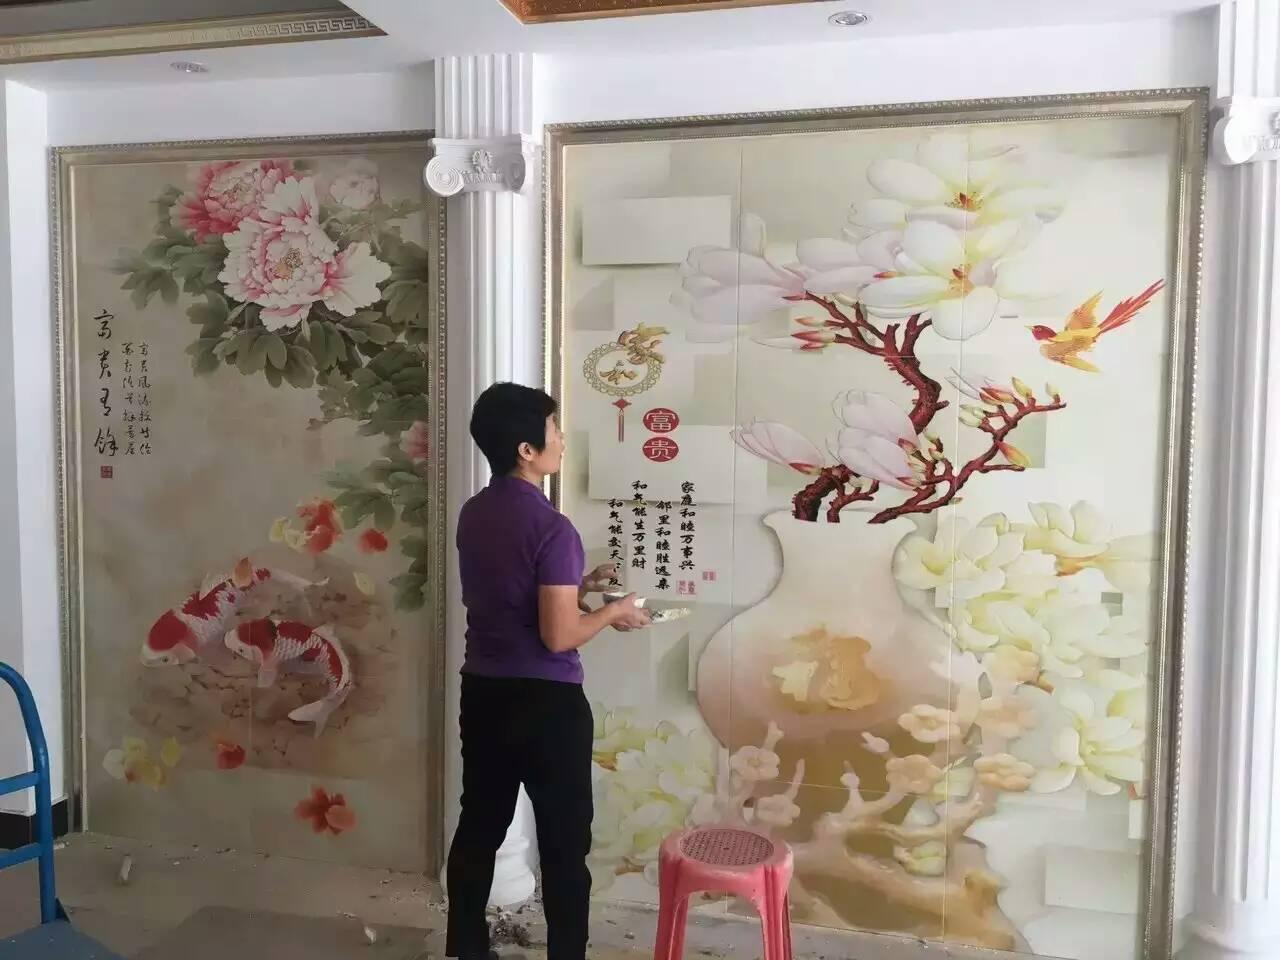 来自萧林发布的公司动态信息:... - 玉玲珑陶瓷背景墙有限公司